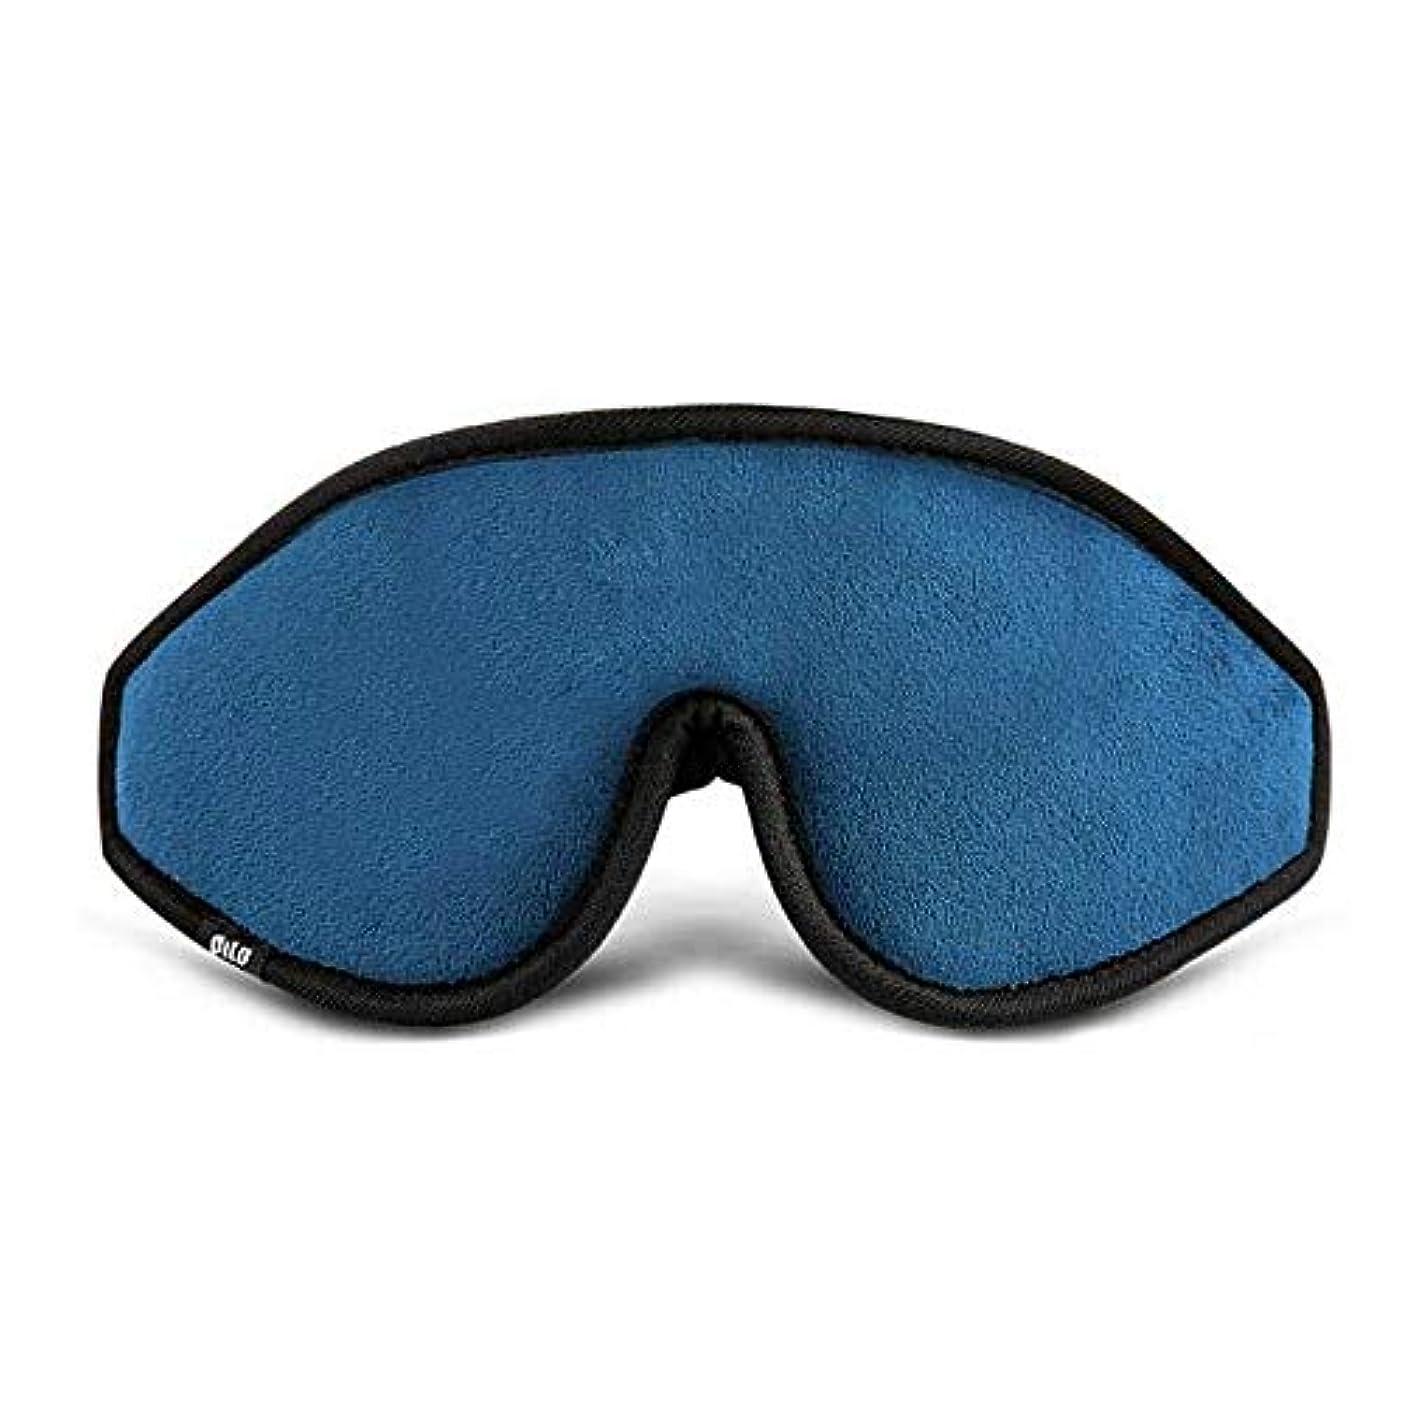 合意聖なる体現するHUICHEN 3D立体ゴーグルゴーグル睡眠睡眠停電ゴーグル素敵な男性と女性のない睡眠補助ゴーグルアイゴーグル圧力 (Color : Blue)